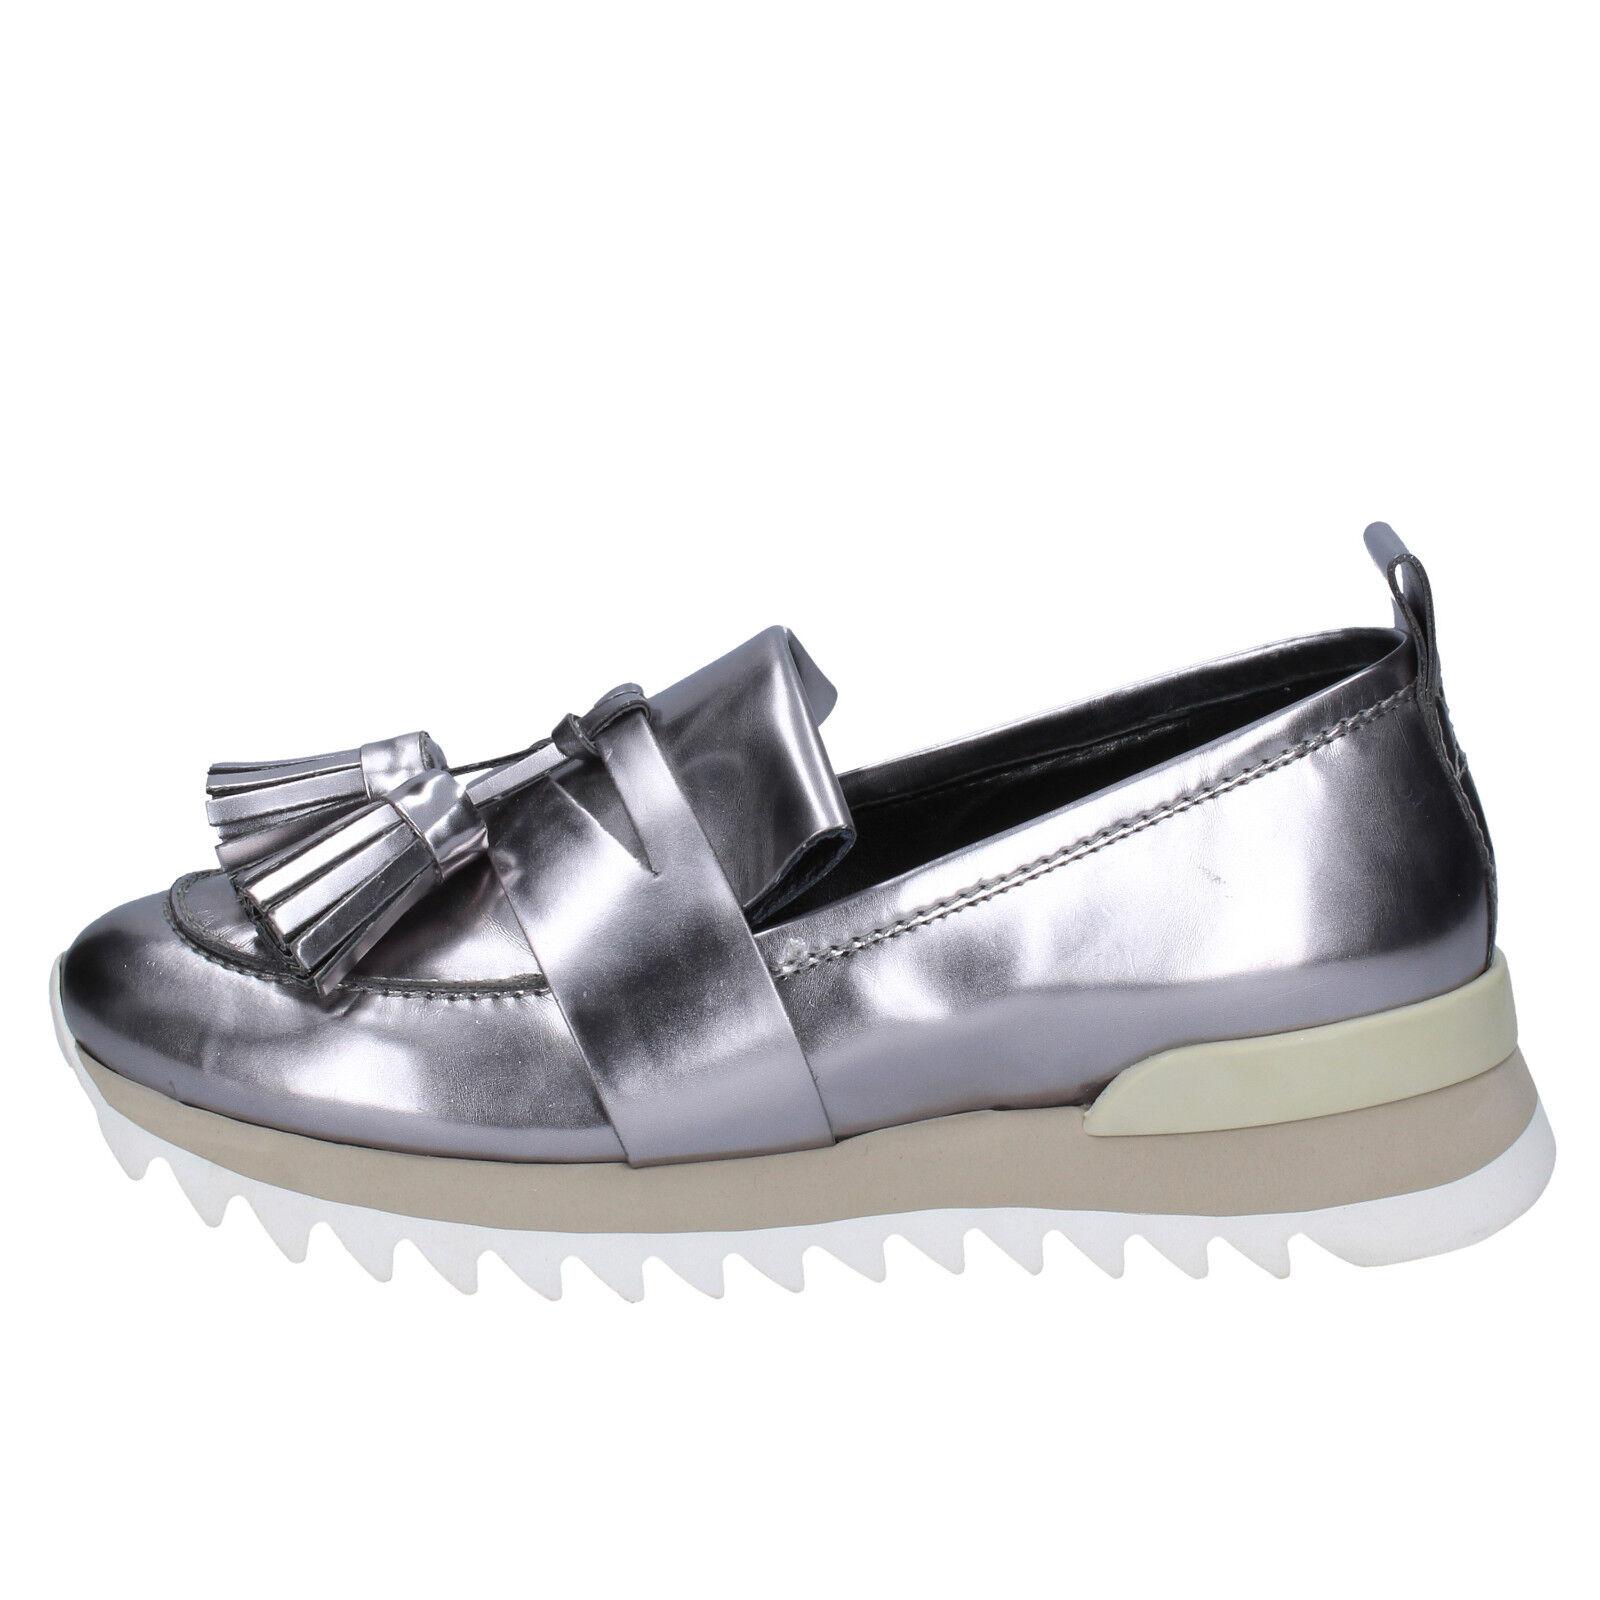 godendo i tuoi acquisti Scarpe da donna grigio mio MER 3 (EU 36) mocassini mocassini mocassini in pelle argento BX38-36  il più economico